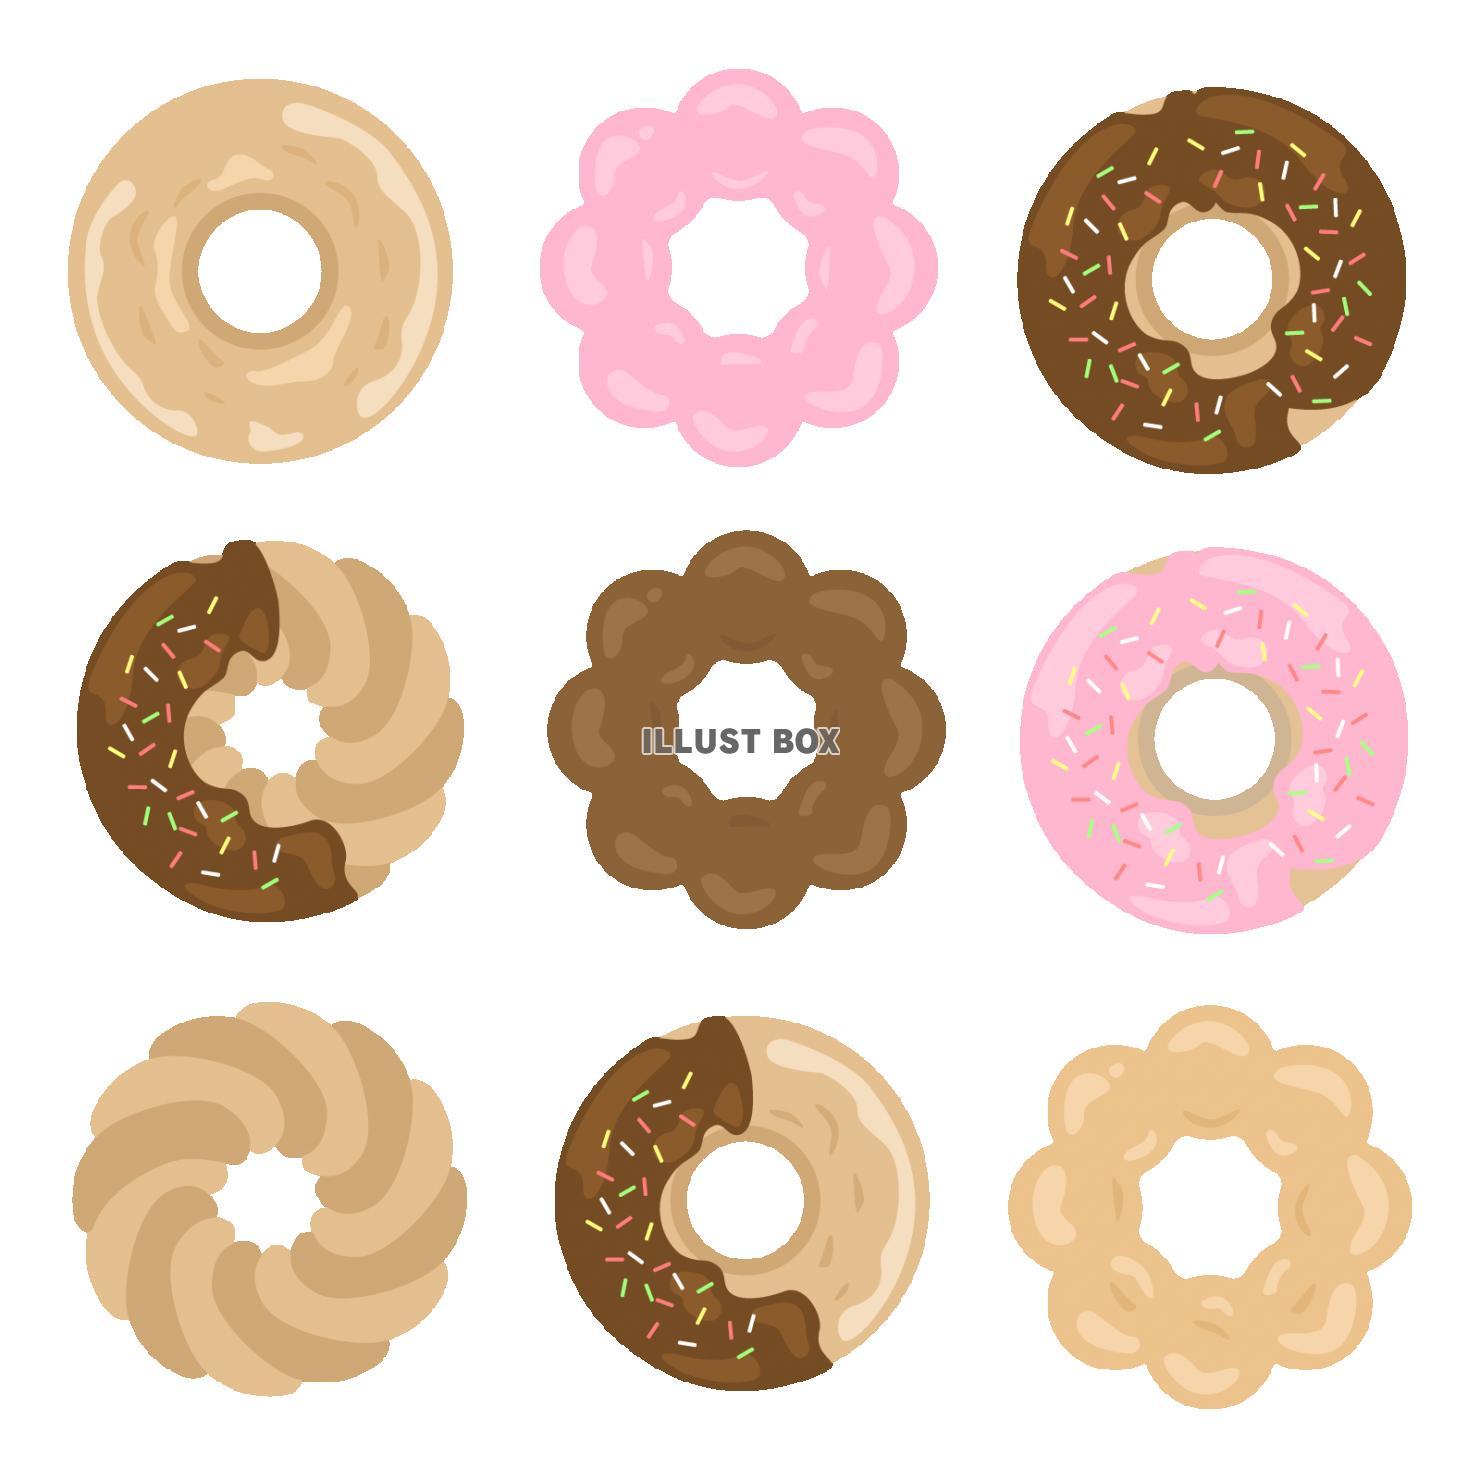 無料イラスト ドーナツのイラストセット